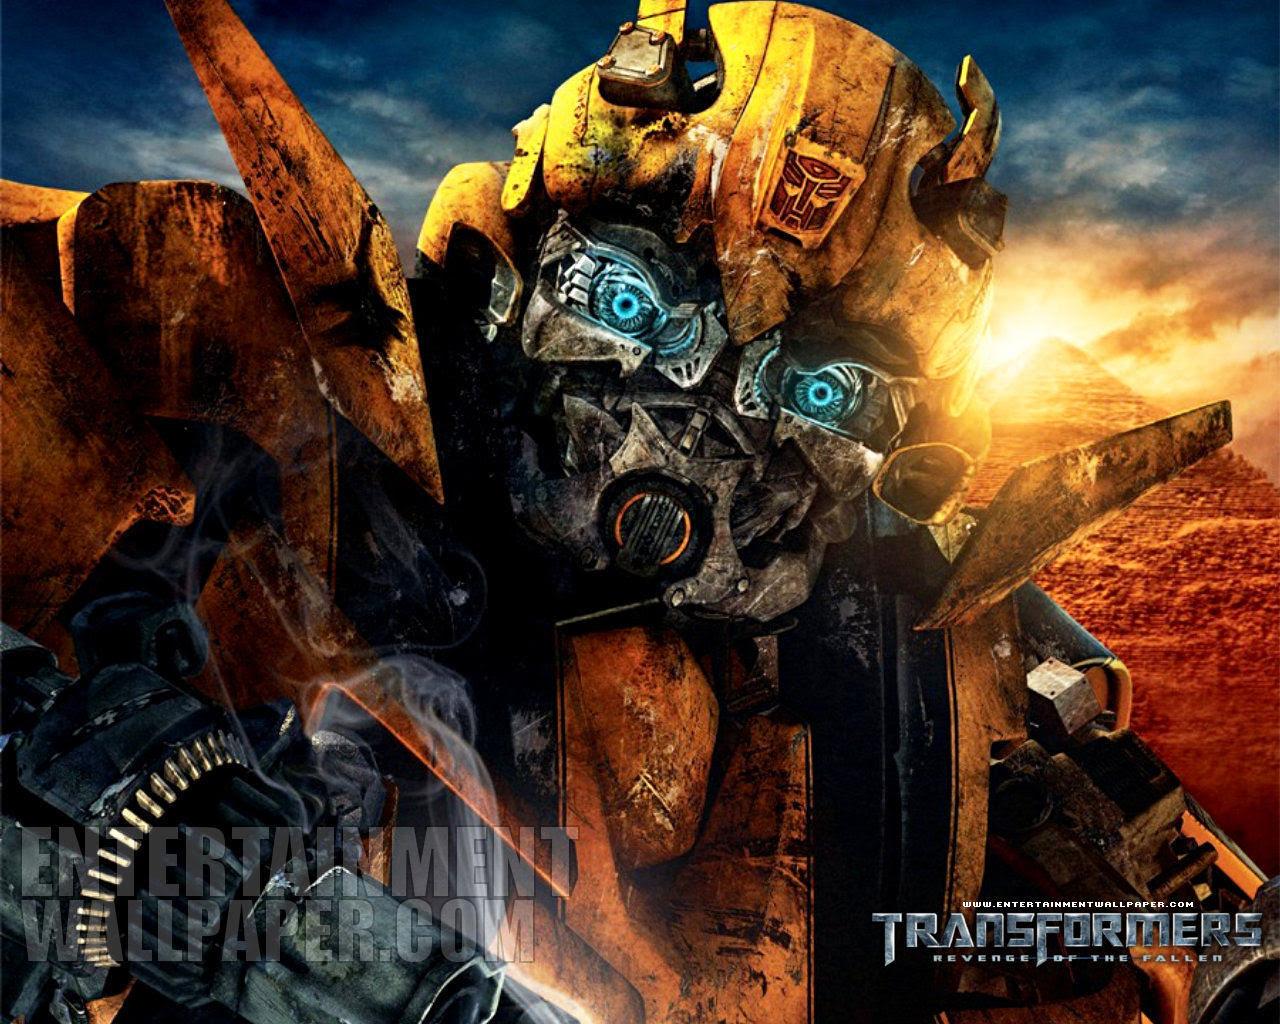 Transformer Pict Transformers Revenge Fallen